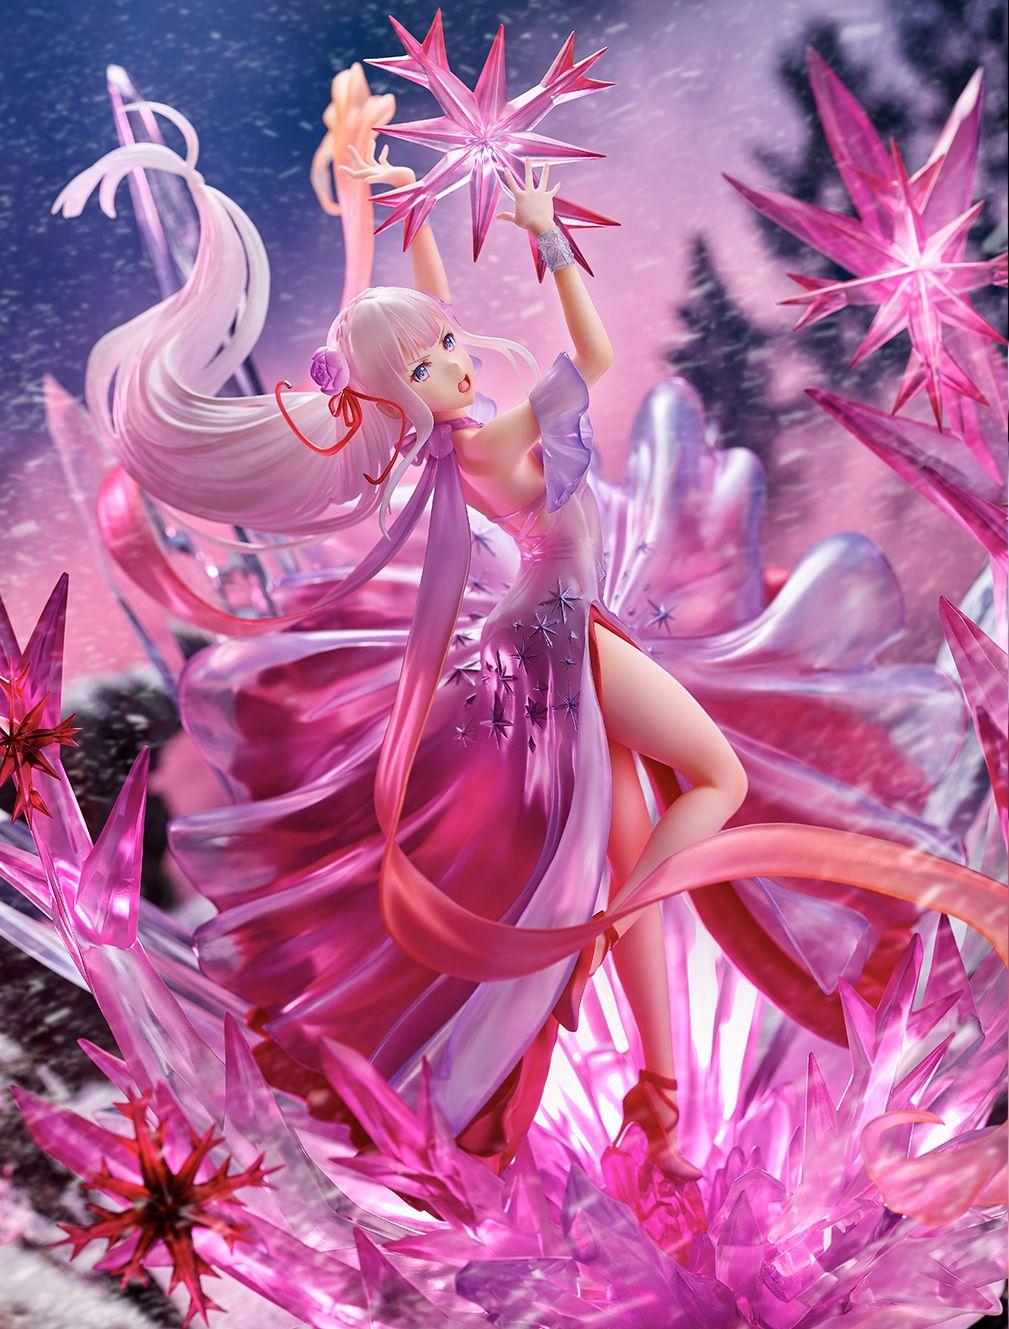 【限定販売】Re:ゼロから始める異世界生活『氷結のエミリア -Crystal Dress Ver-』 1/7 完成品フィギュア-006